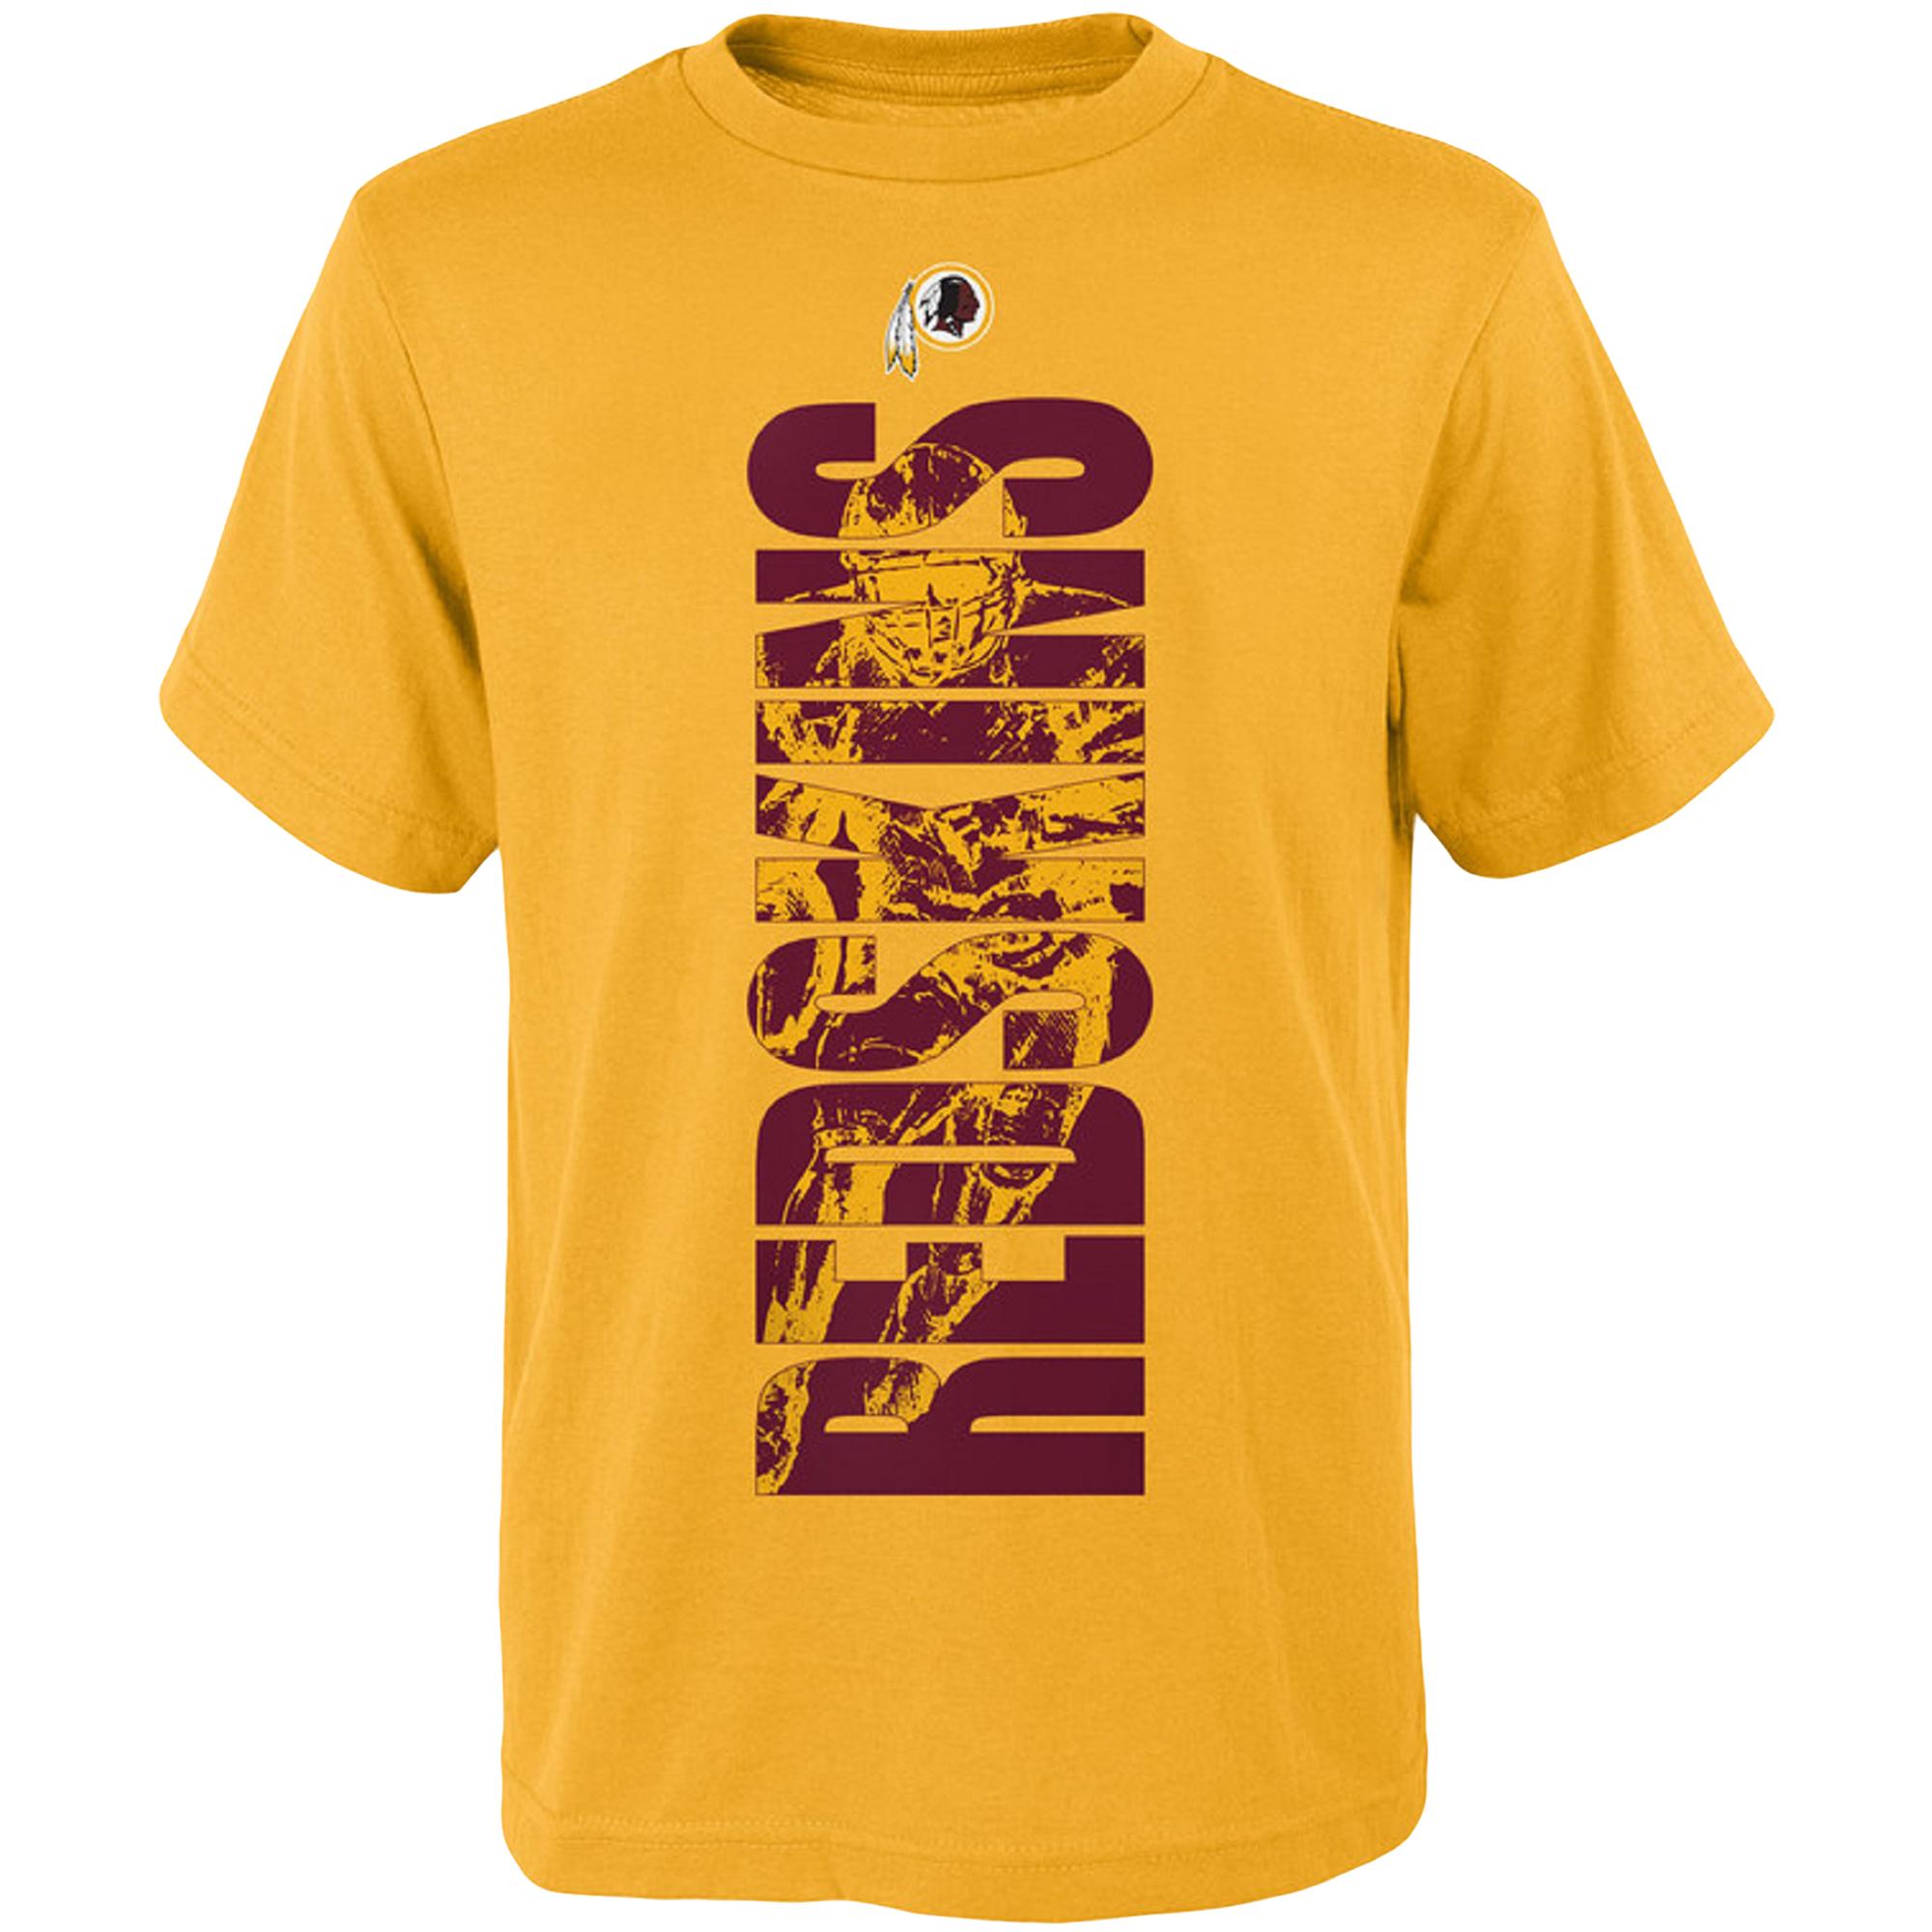 Youth Gold Washington Redskins Side T-Shirt